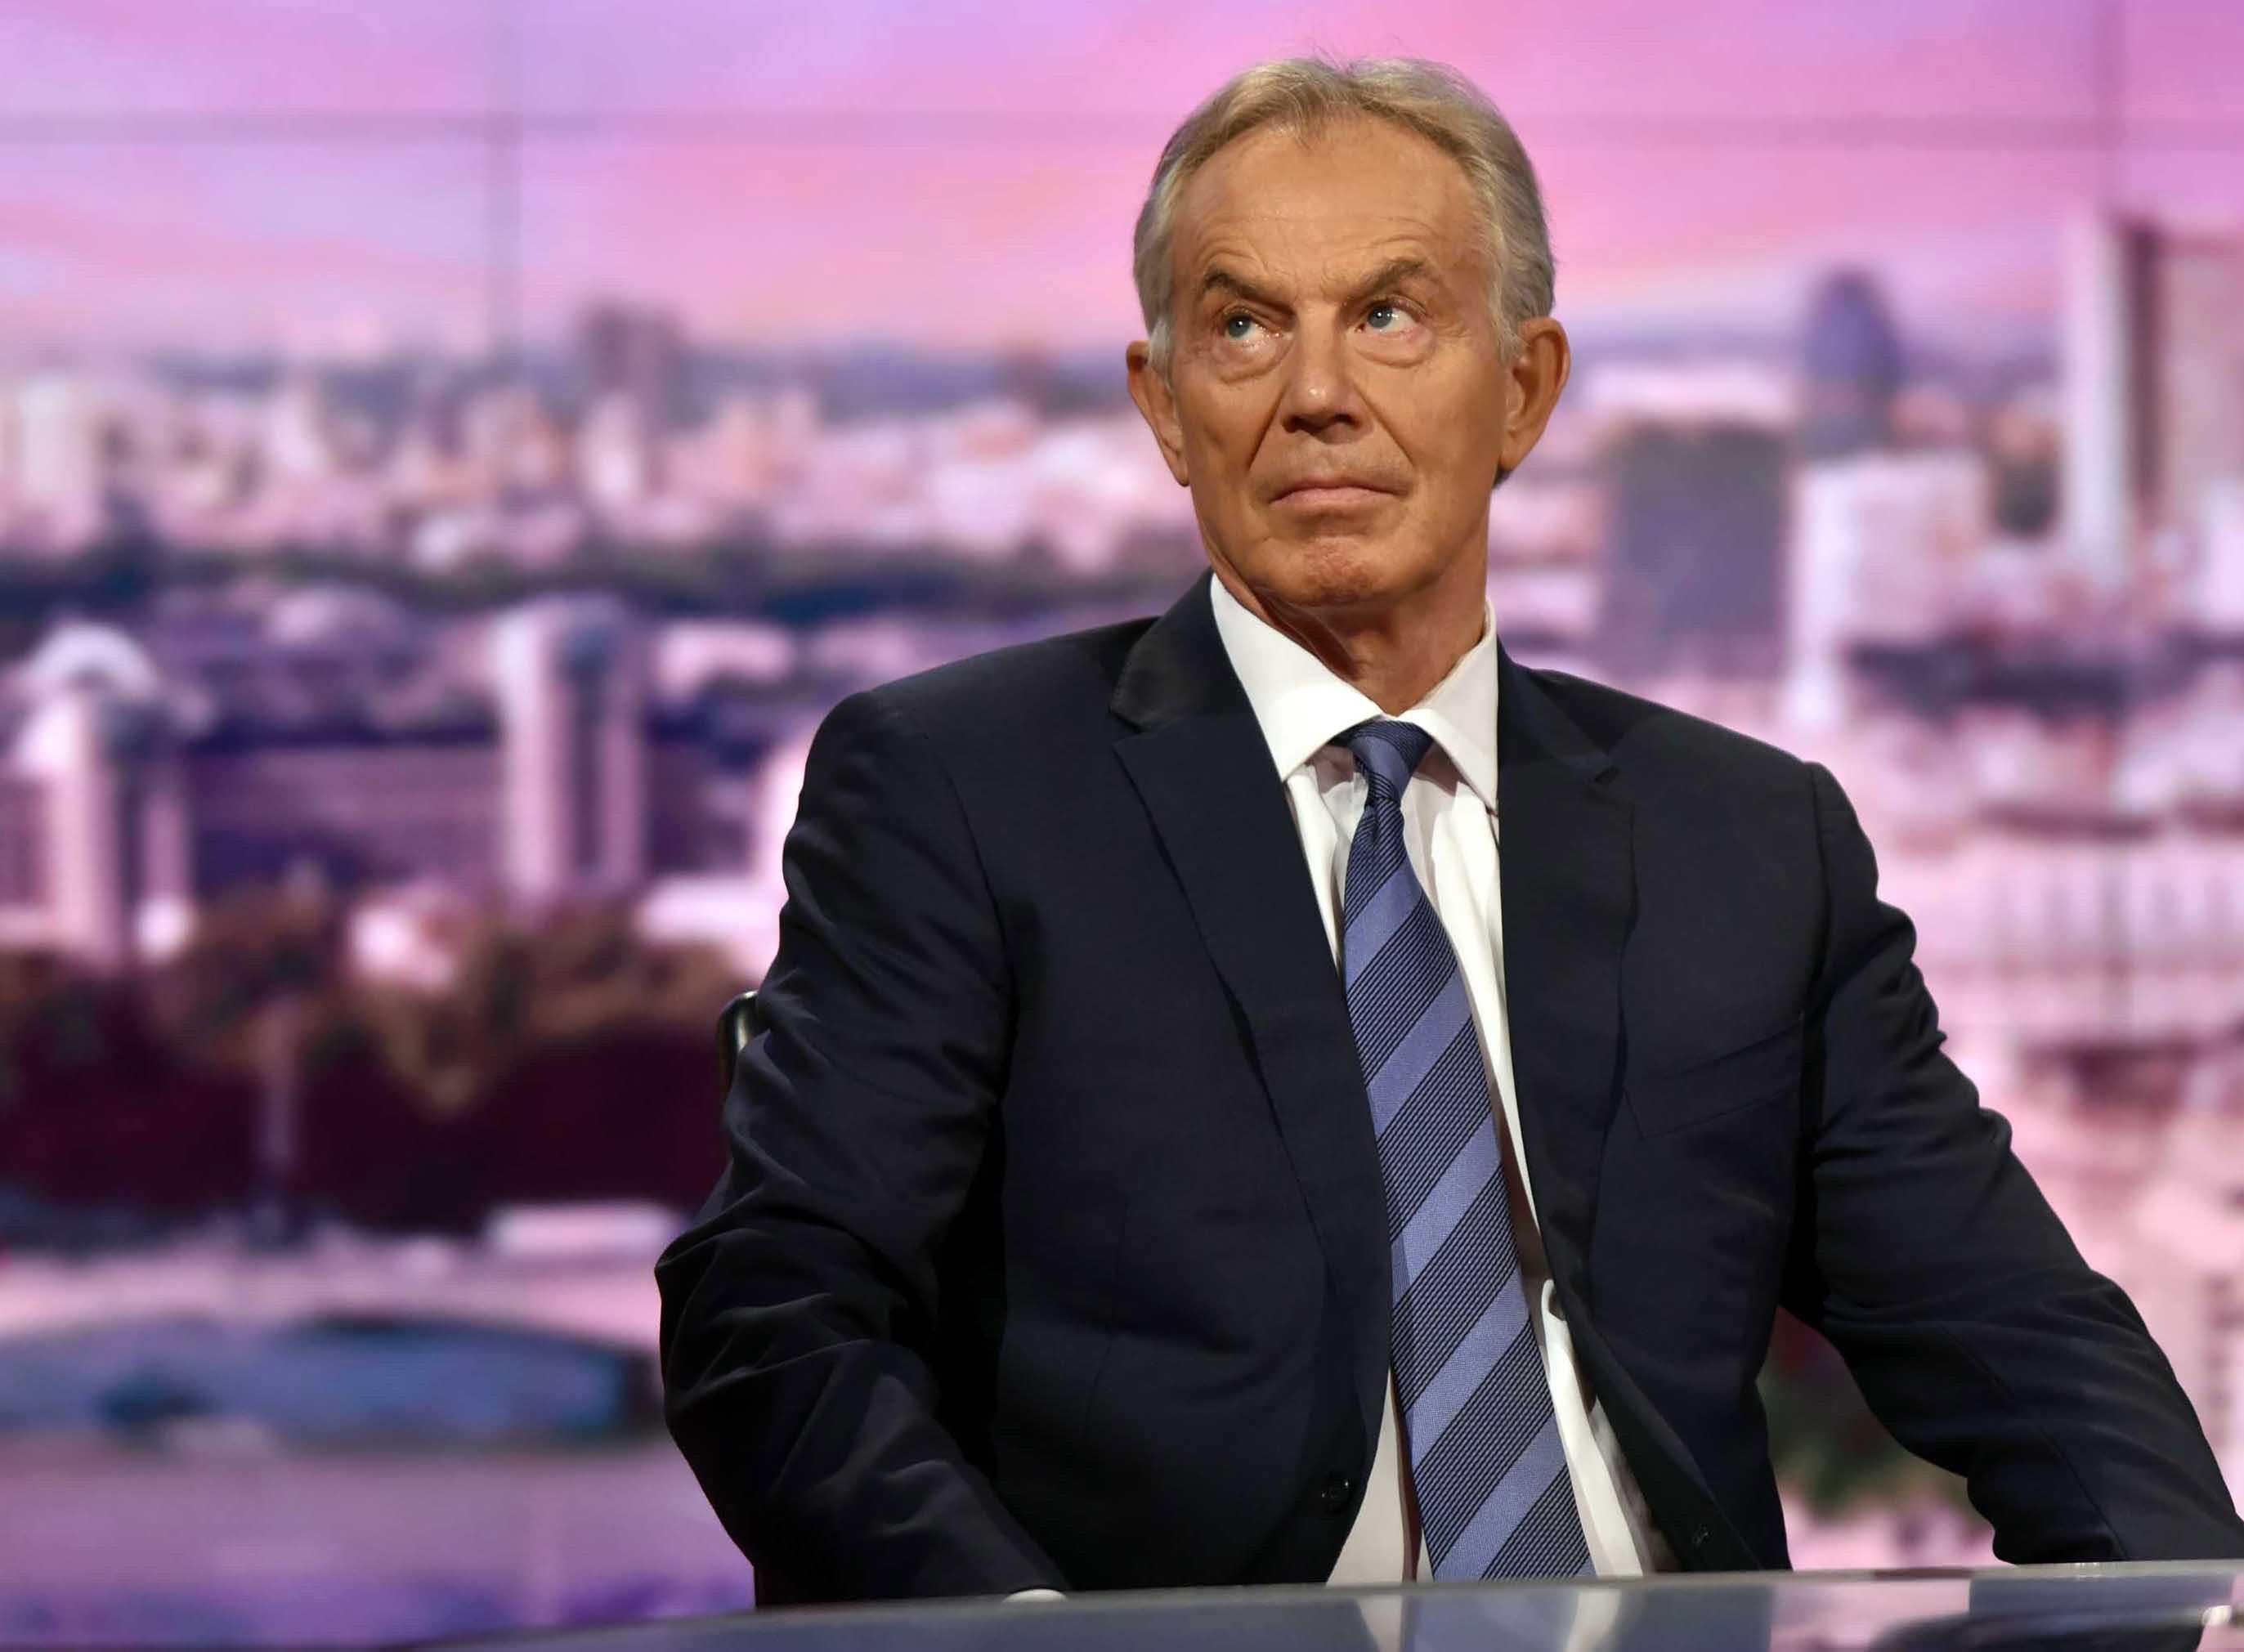 Libro, Blair allertò Trump spionaggio Gb